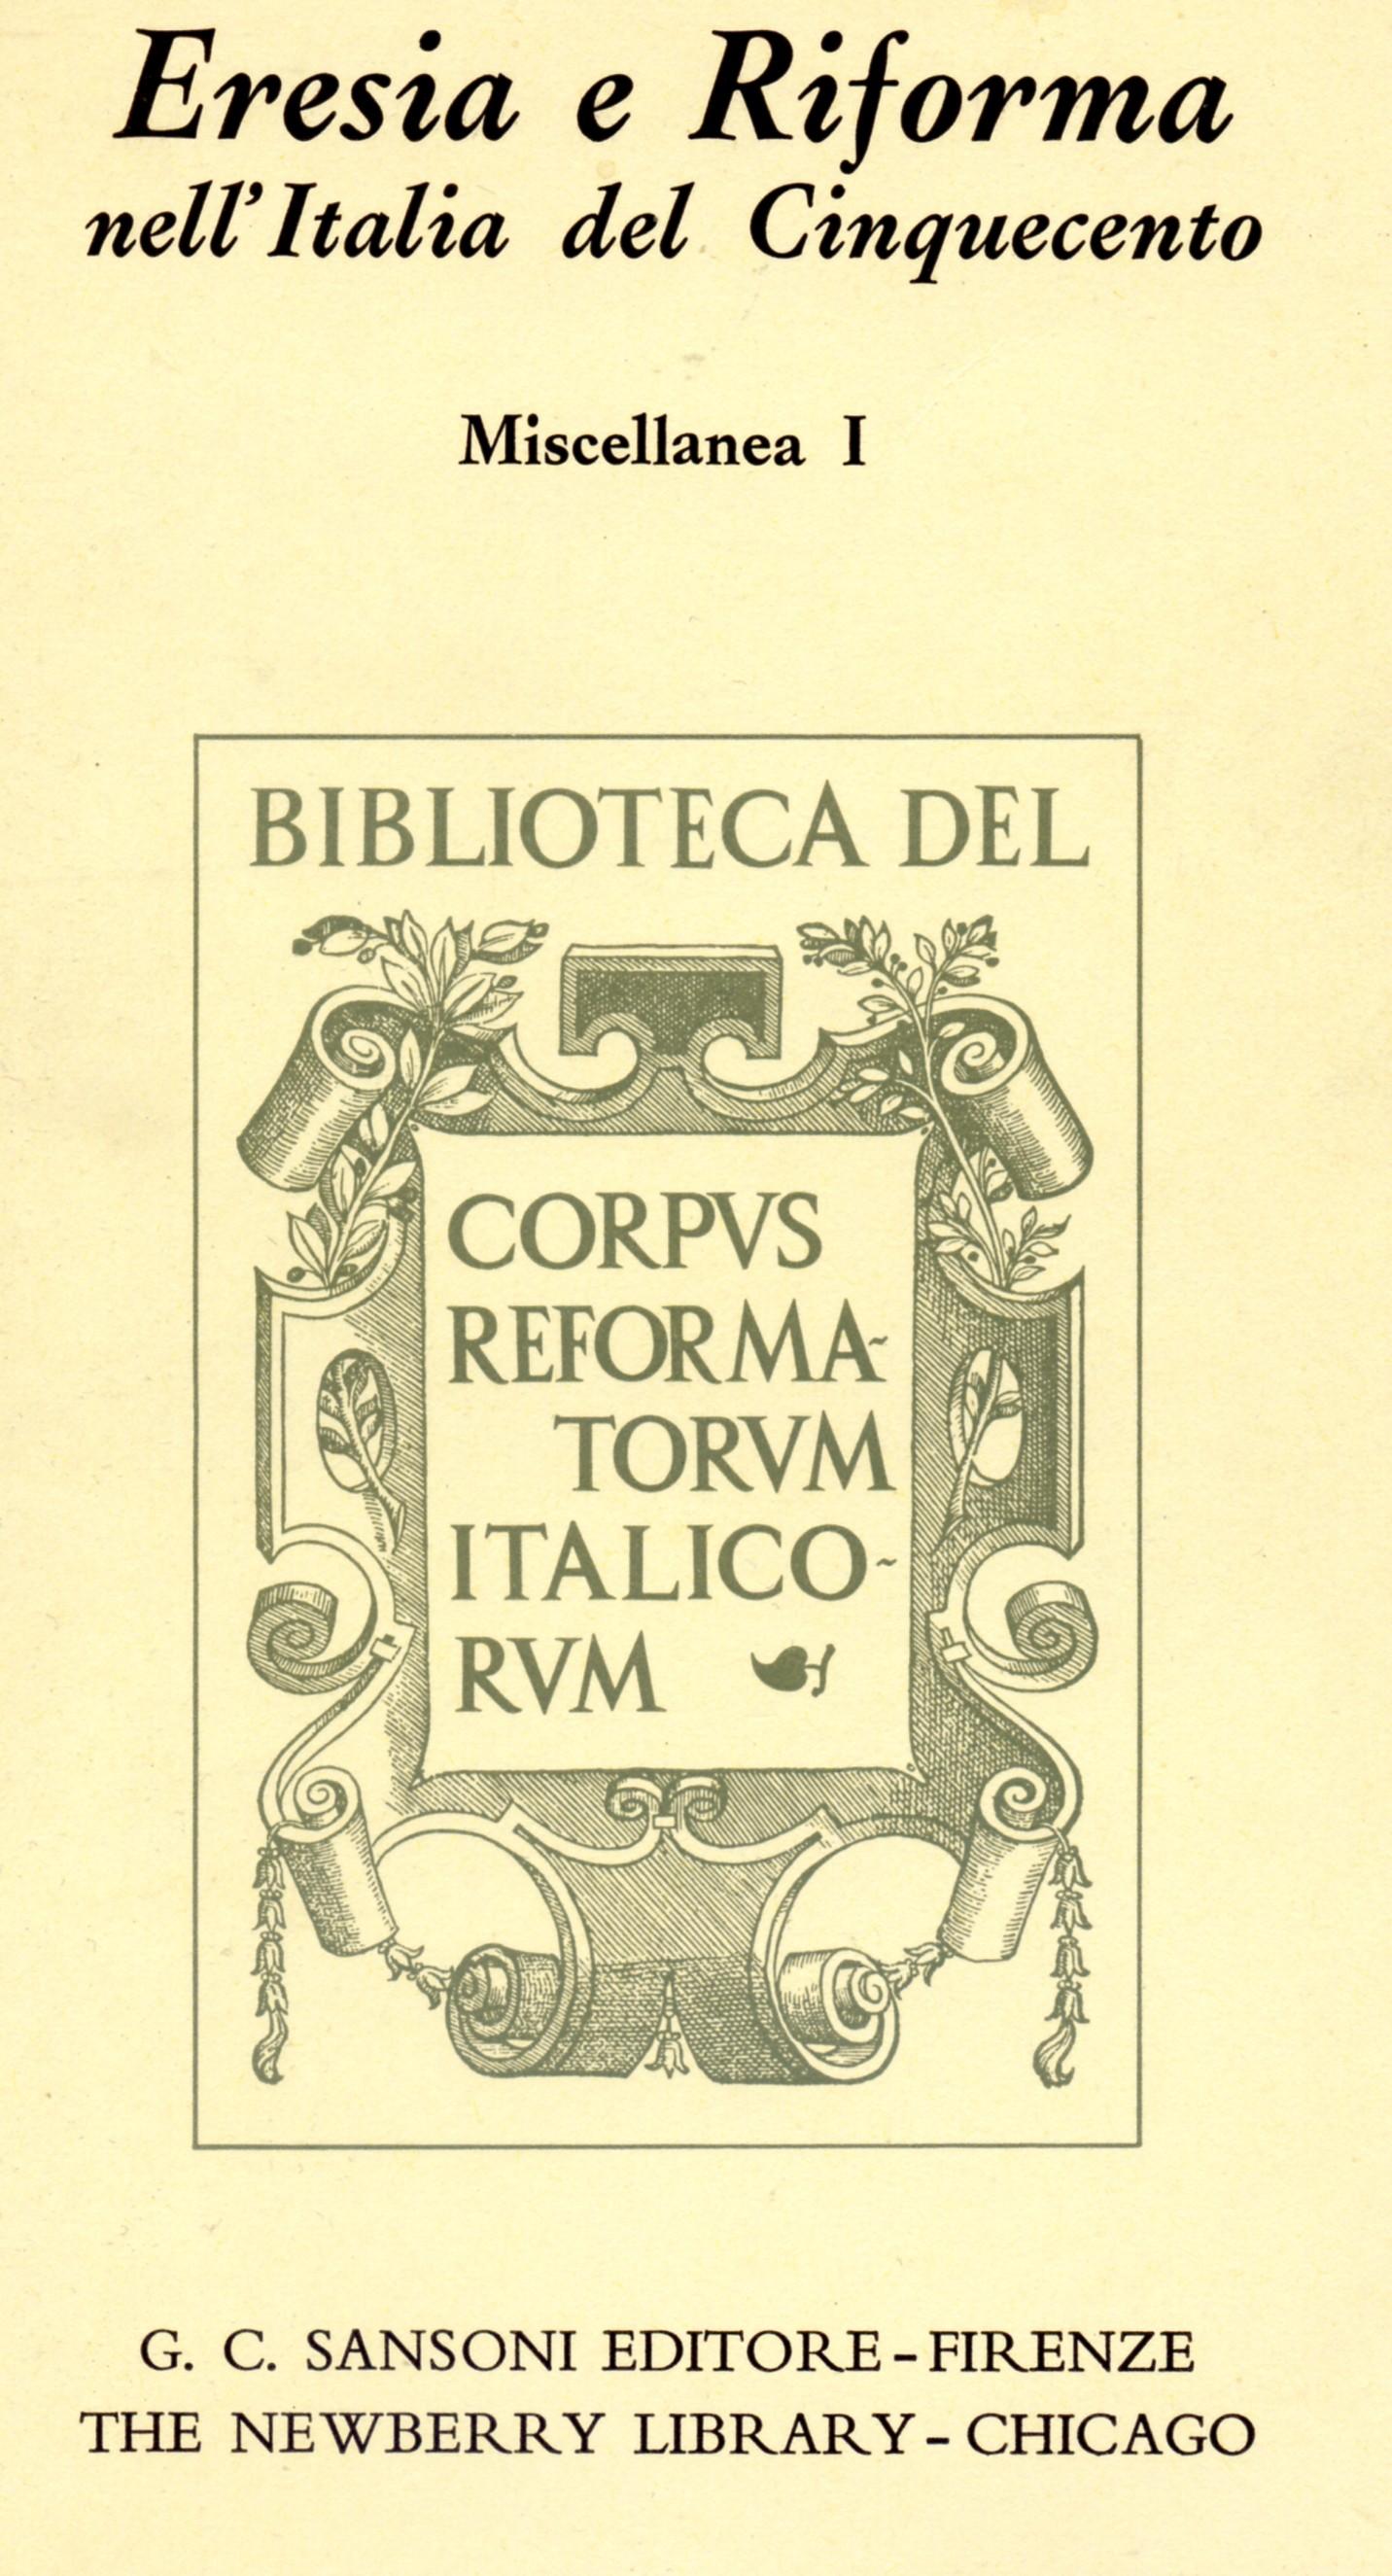 Eresia e riforma nell'Italia del Cinquecento